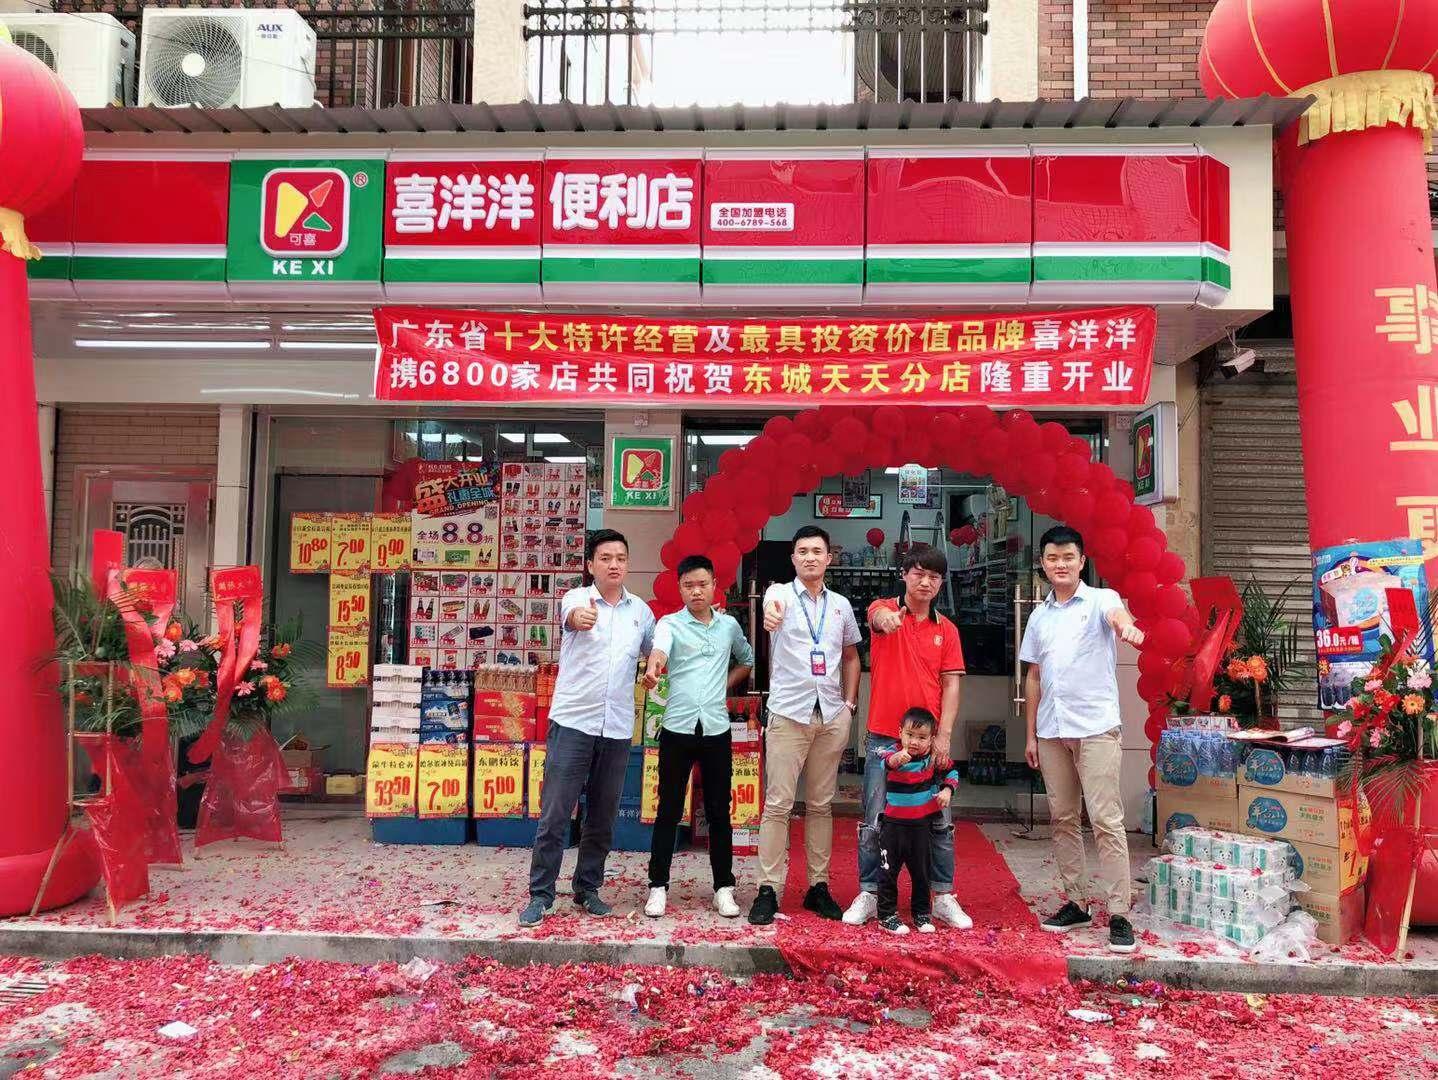 喜洋洋便利店东城天天分店11月7日隆重开业